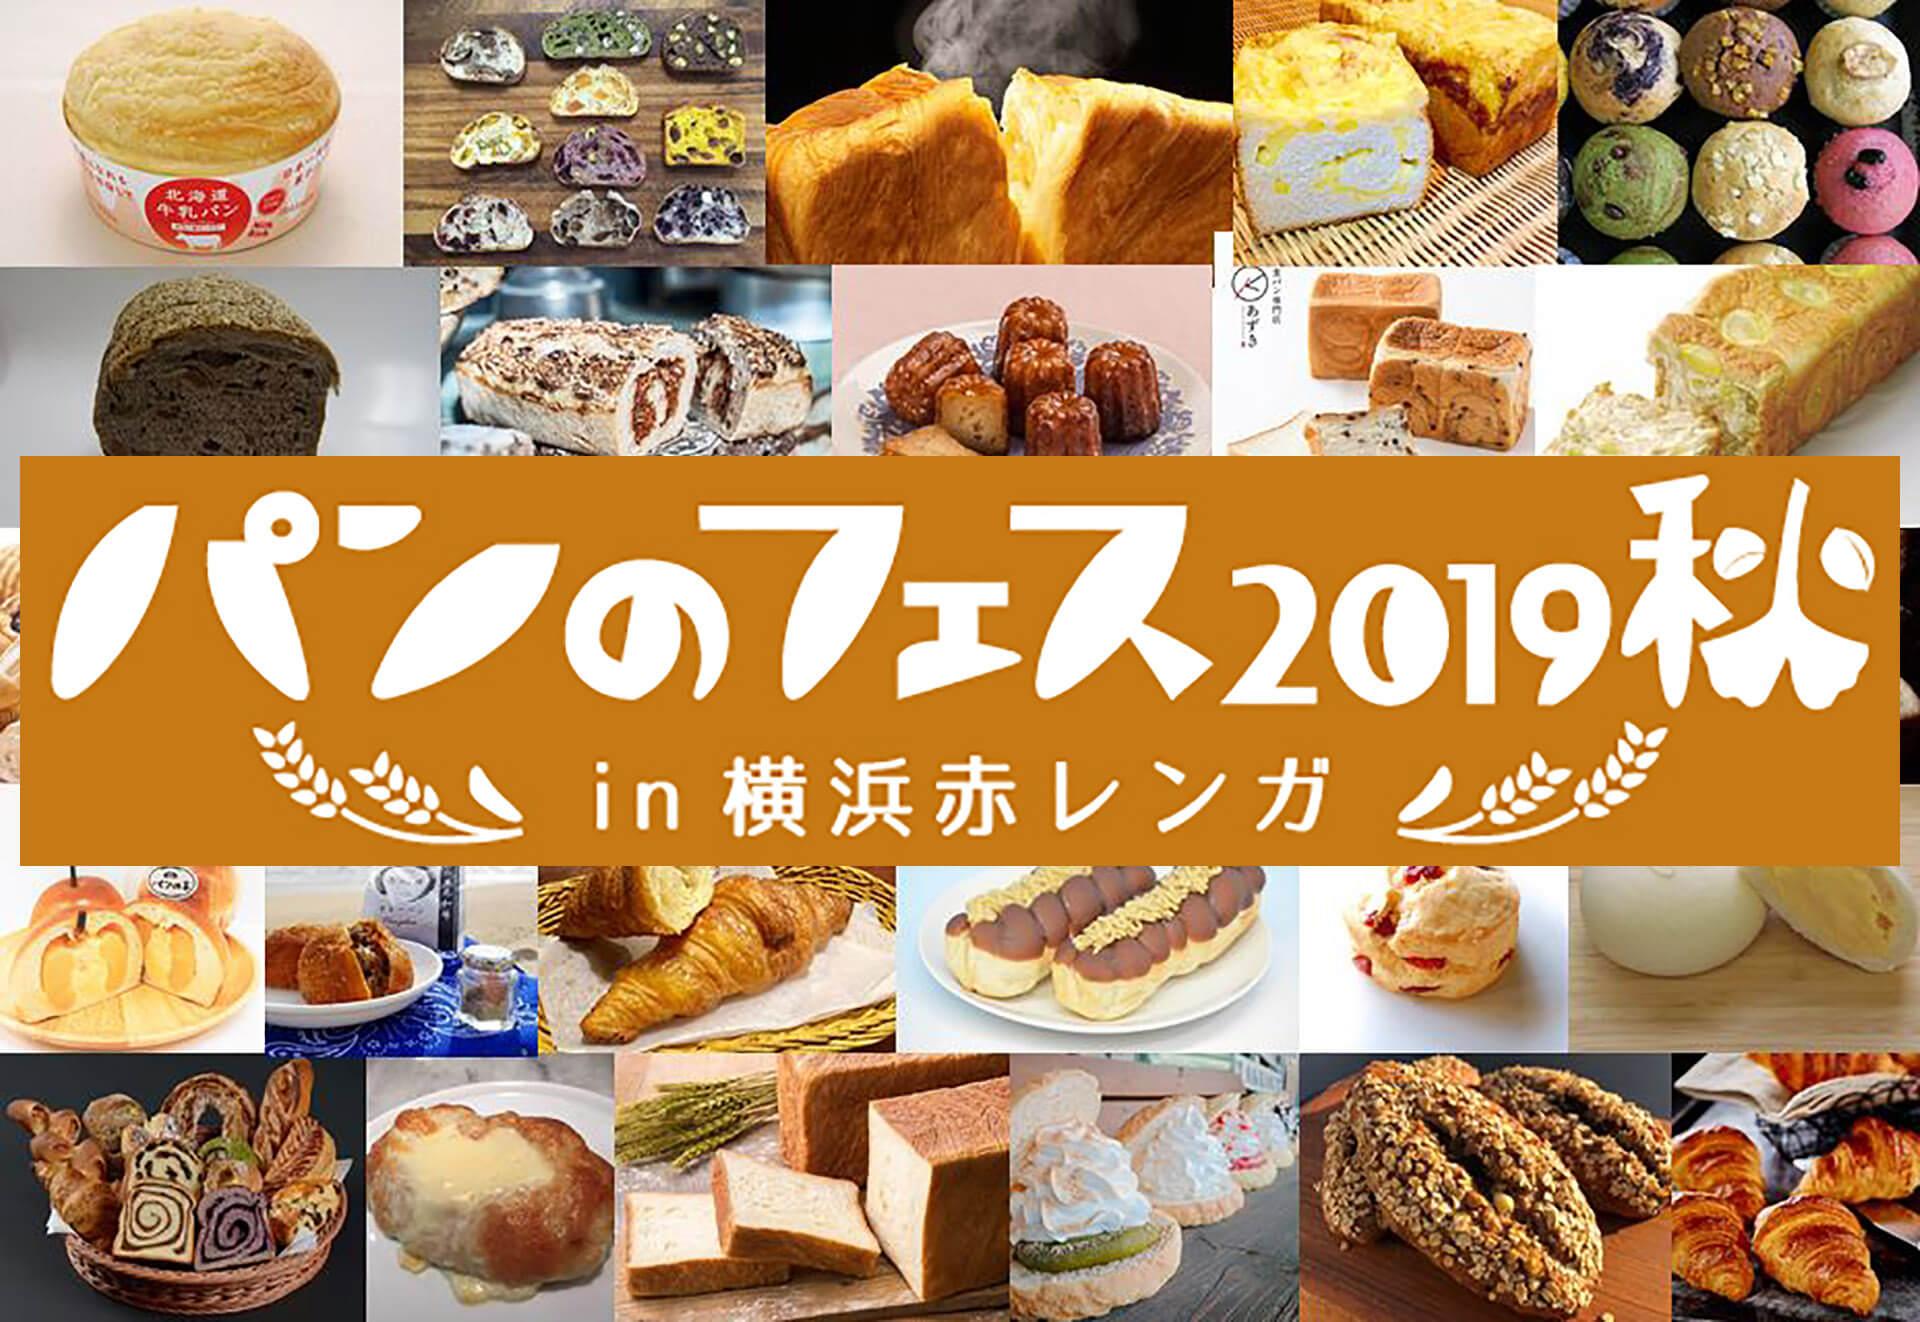 パンのフェス 2019 秋 in 横浜赤レンガのメインビジュアル。ロゴとパン単品集